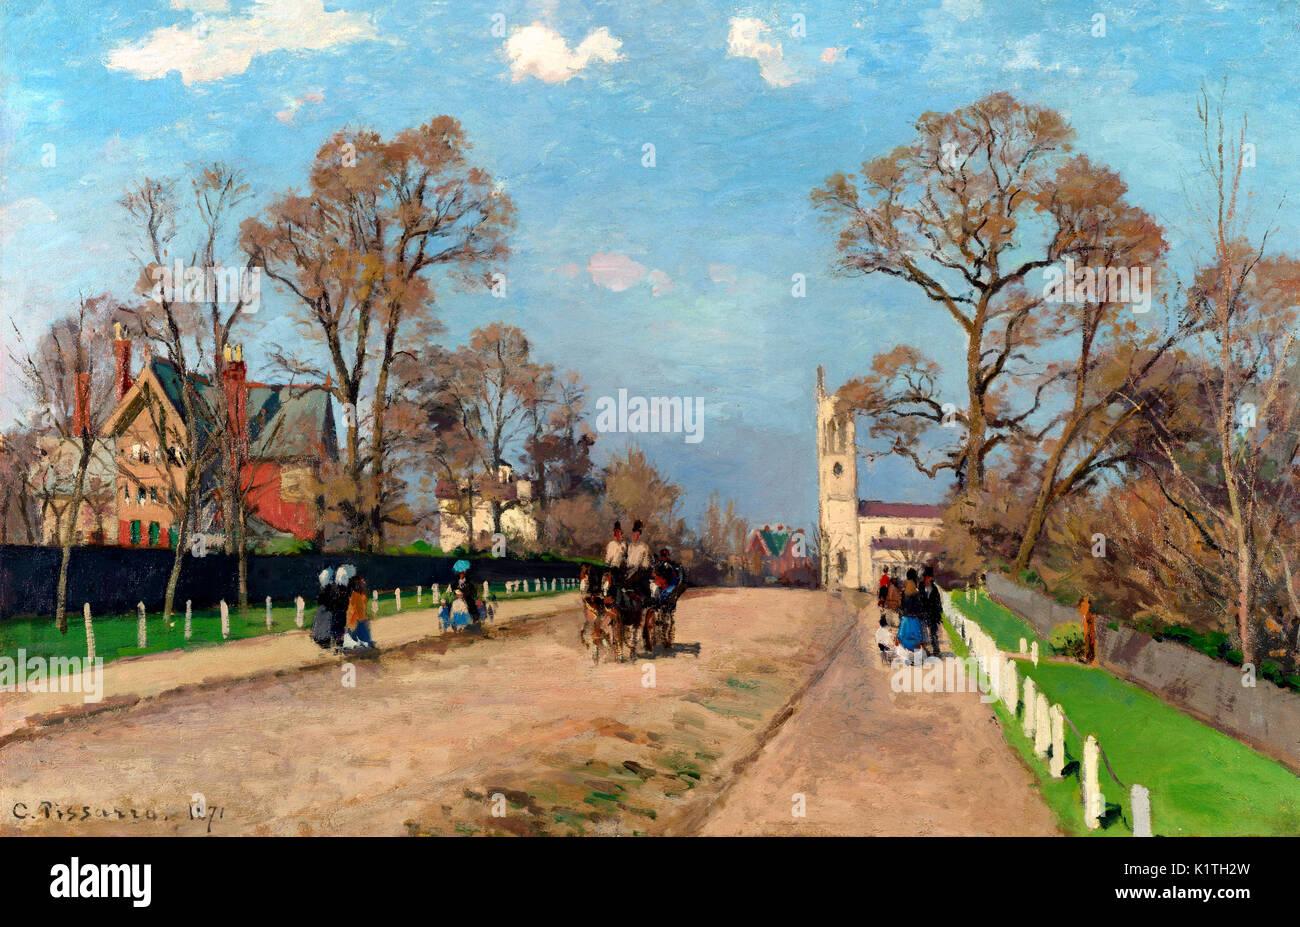 The Avenue, Sydenham, 1871 - Camille Pissarro - Stock Image